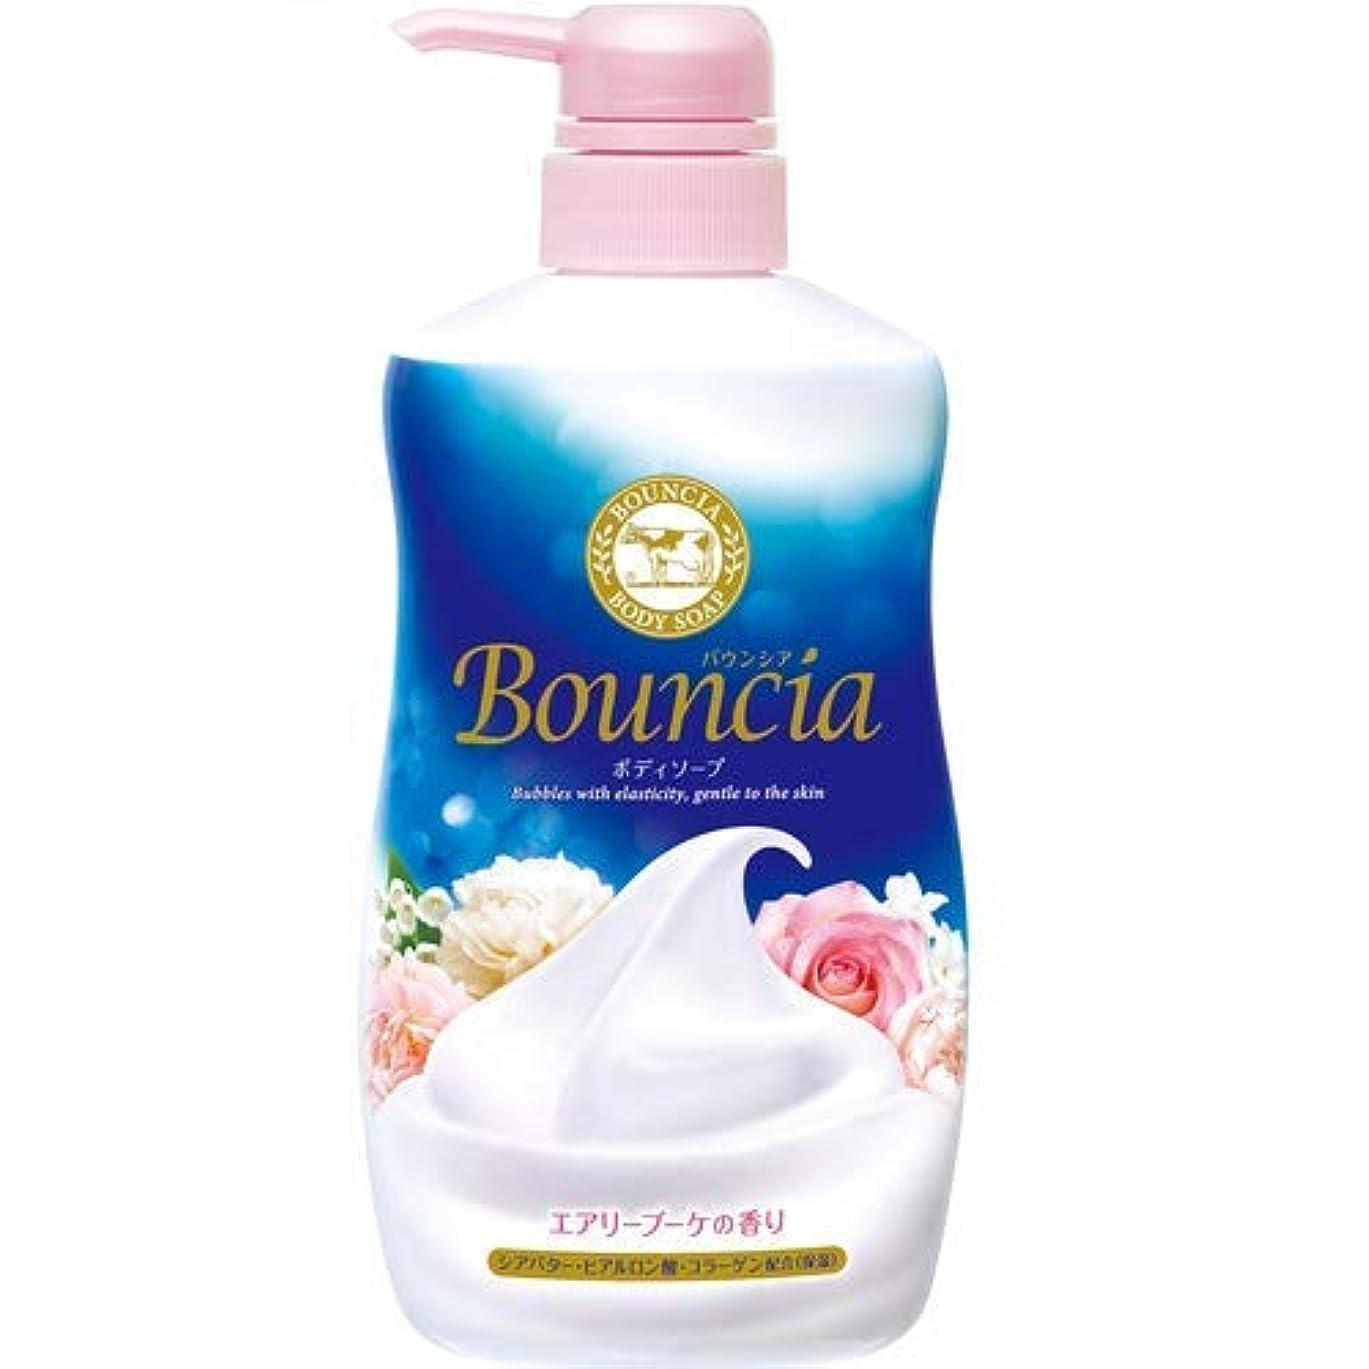 ハブブセンチメンタル効果的バウンシア ボディソープ エアリーブーケの香り ポンプ付 500mL